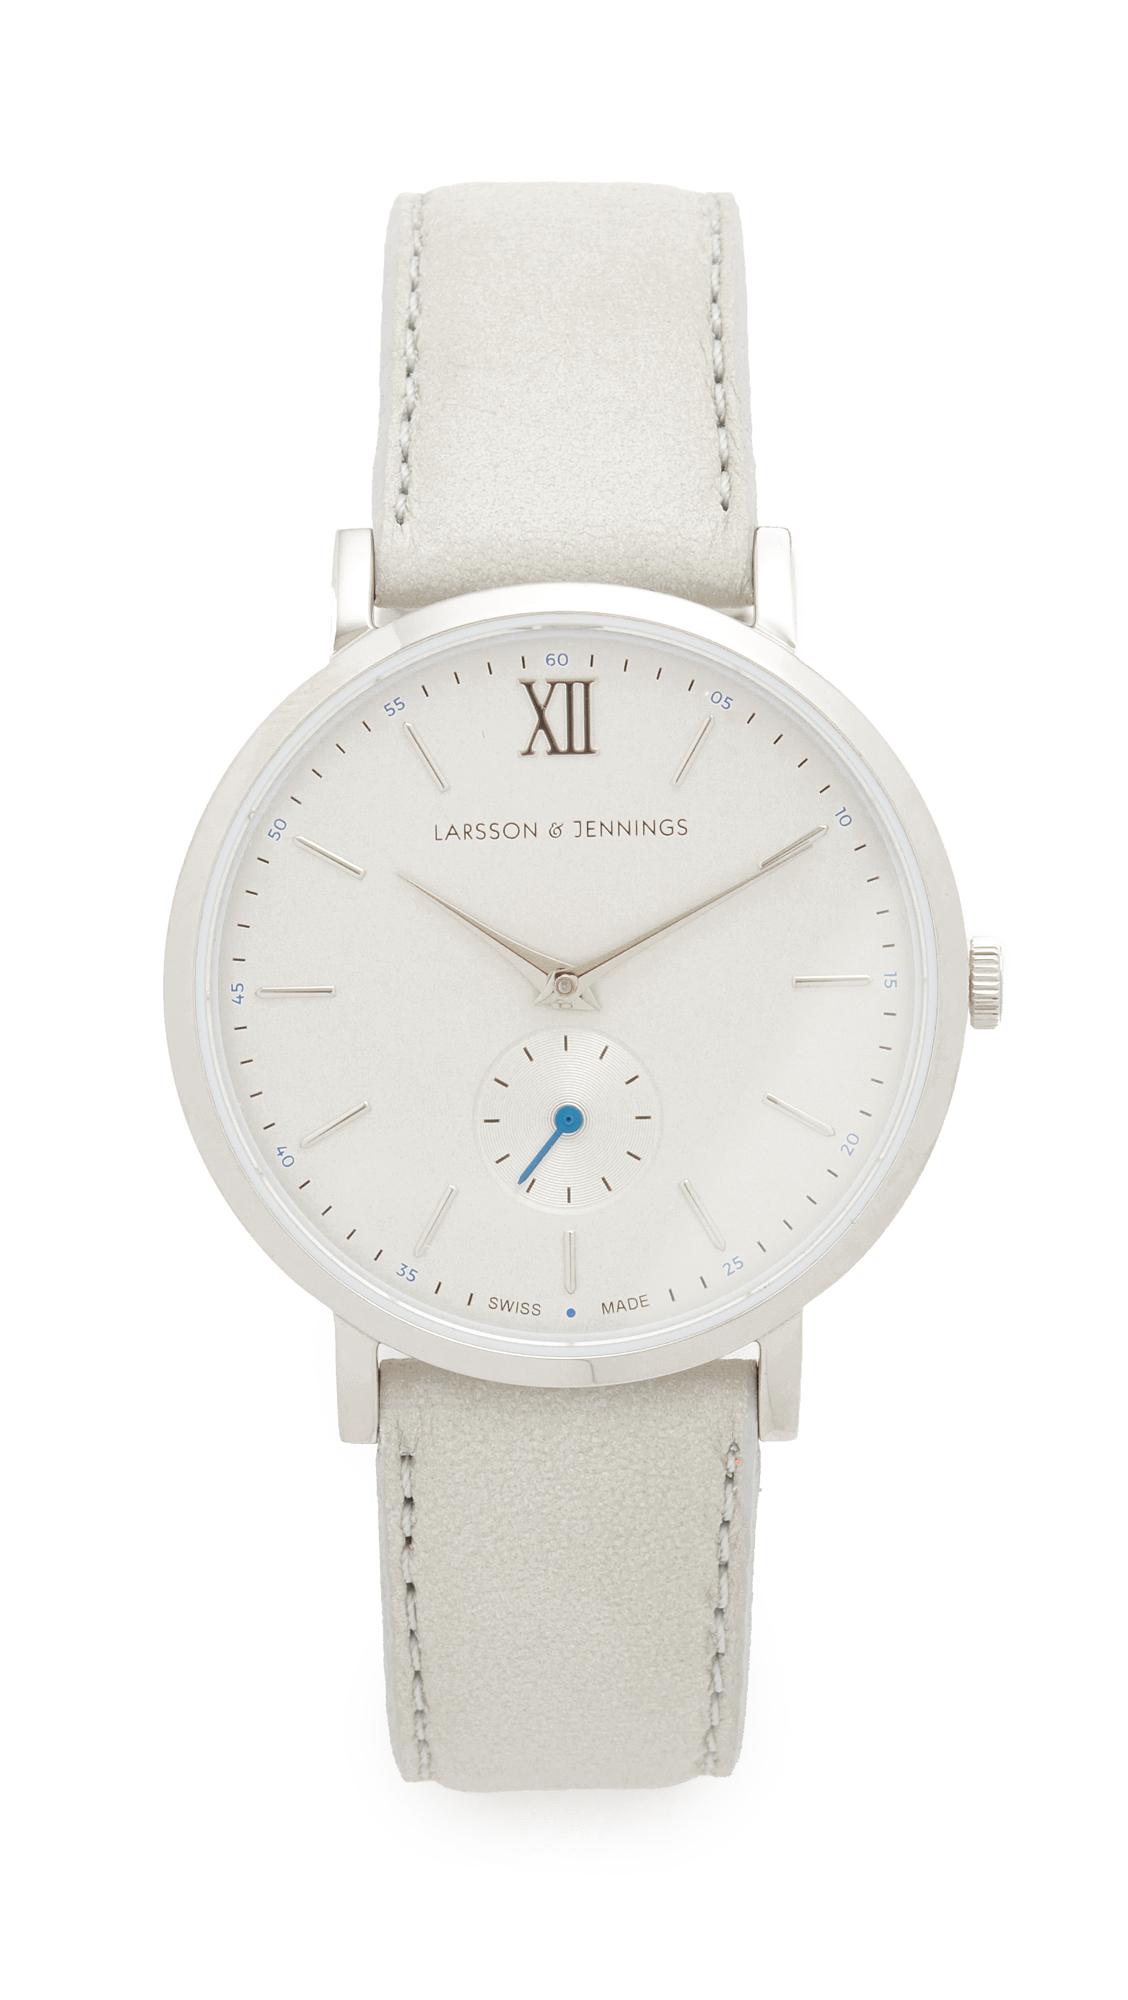 Larsson & Jennings Lugano II Watch - Silver/Light Grey/Blue